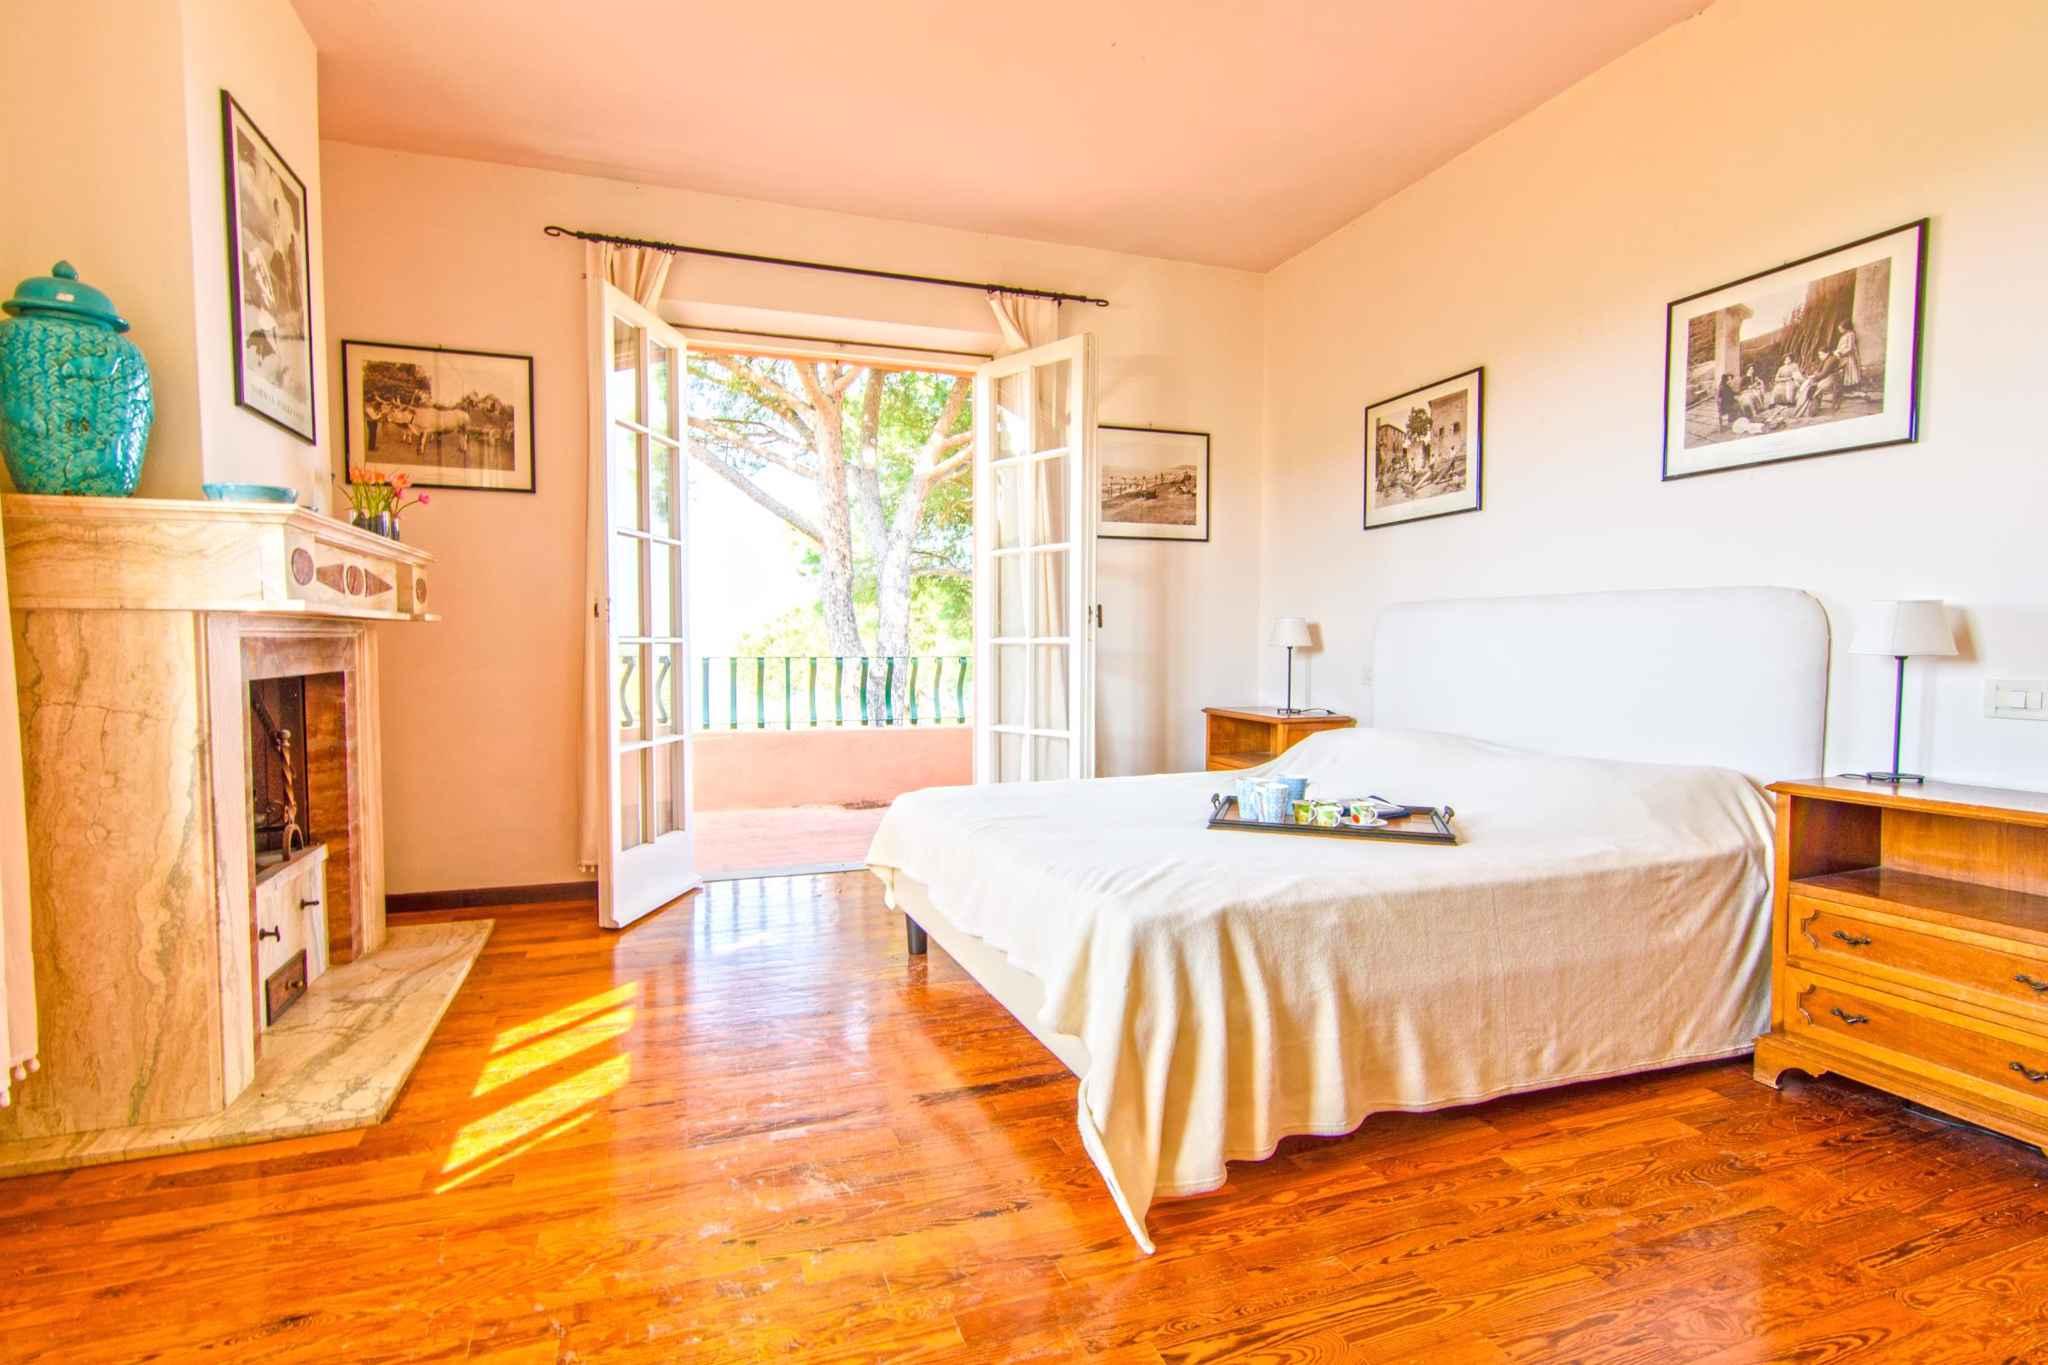 Ferienhaus Villa mit Whirlpool und Grillmöglichkeit (760810), Portoferraio, Elba, Toskana, Italien, Bild 24